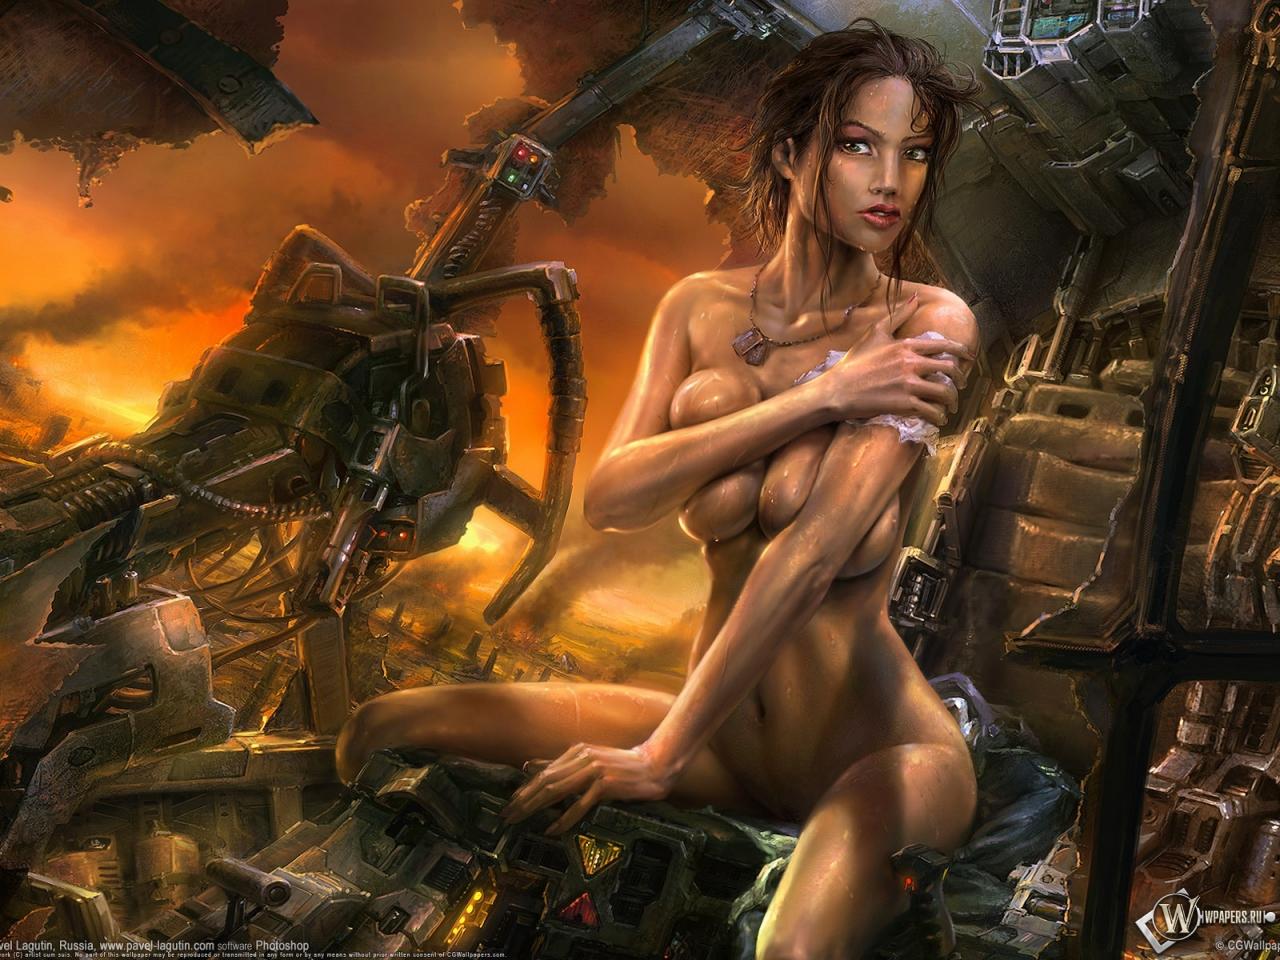 eroticheskie-foto-rossiyskih-krasotok